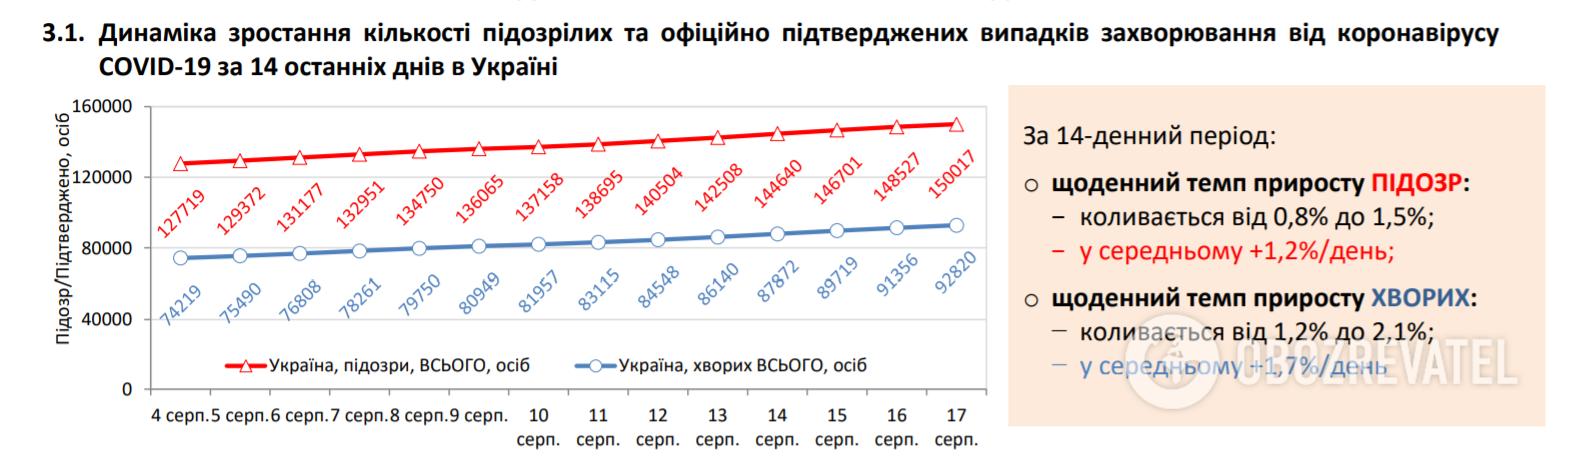 Динаміка зростання кількості підозрілих та офіційно підтверджених випадків захворювання